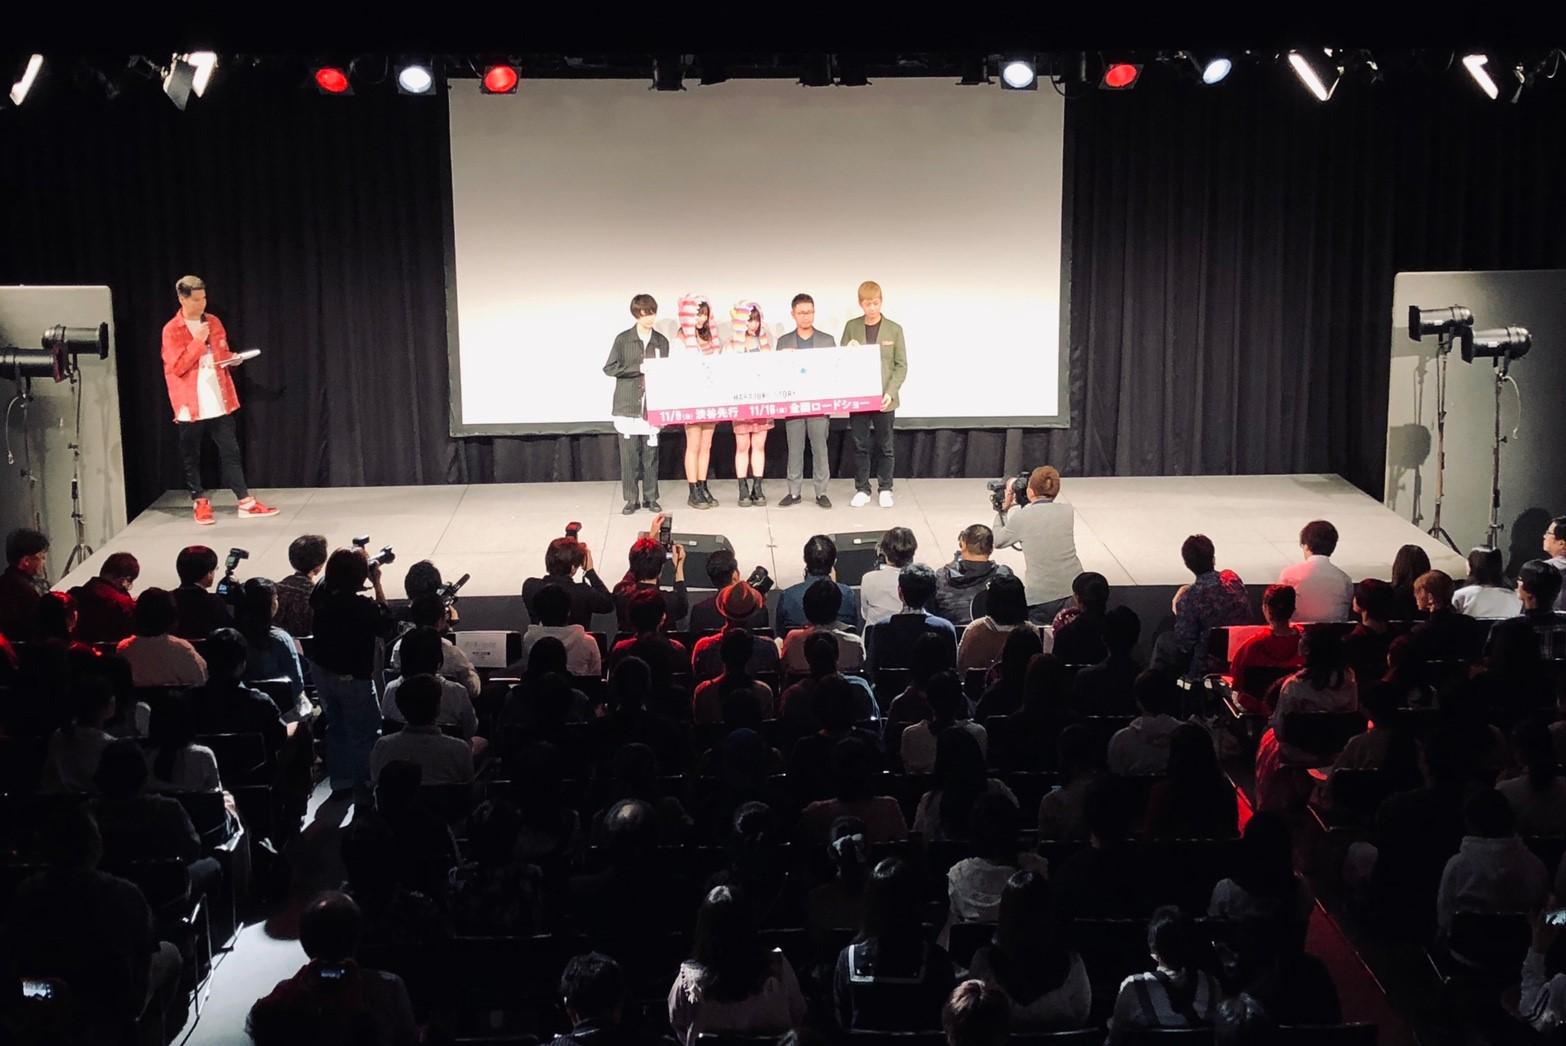 映画『ヌヌ子の聖★戦 ~HARAJUKU STORY~』完成披露上映会舞台挨拶